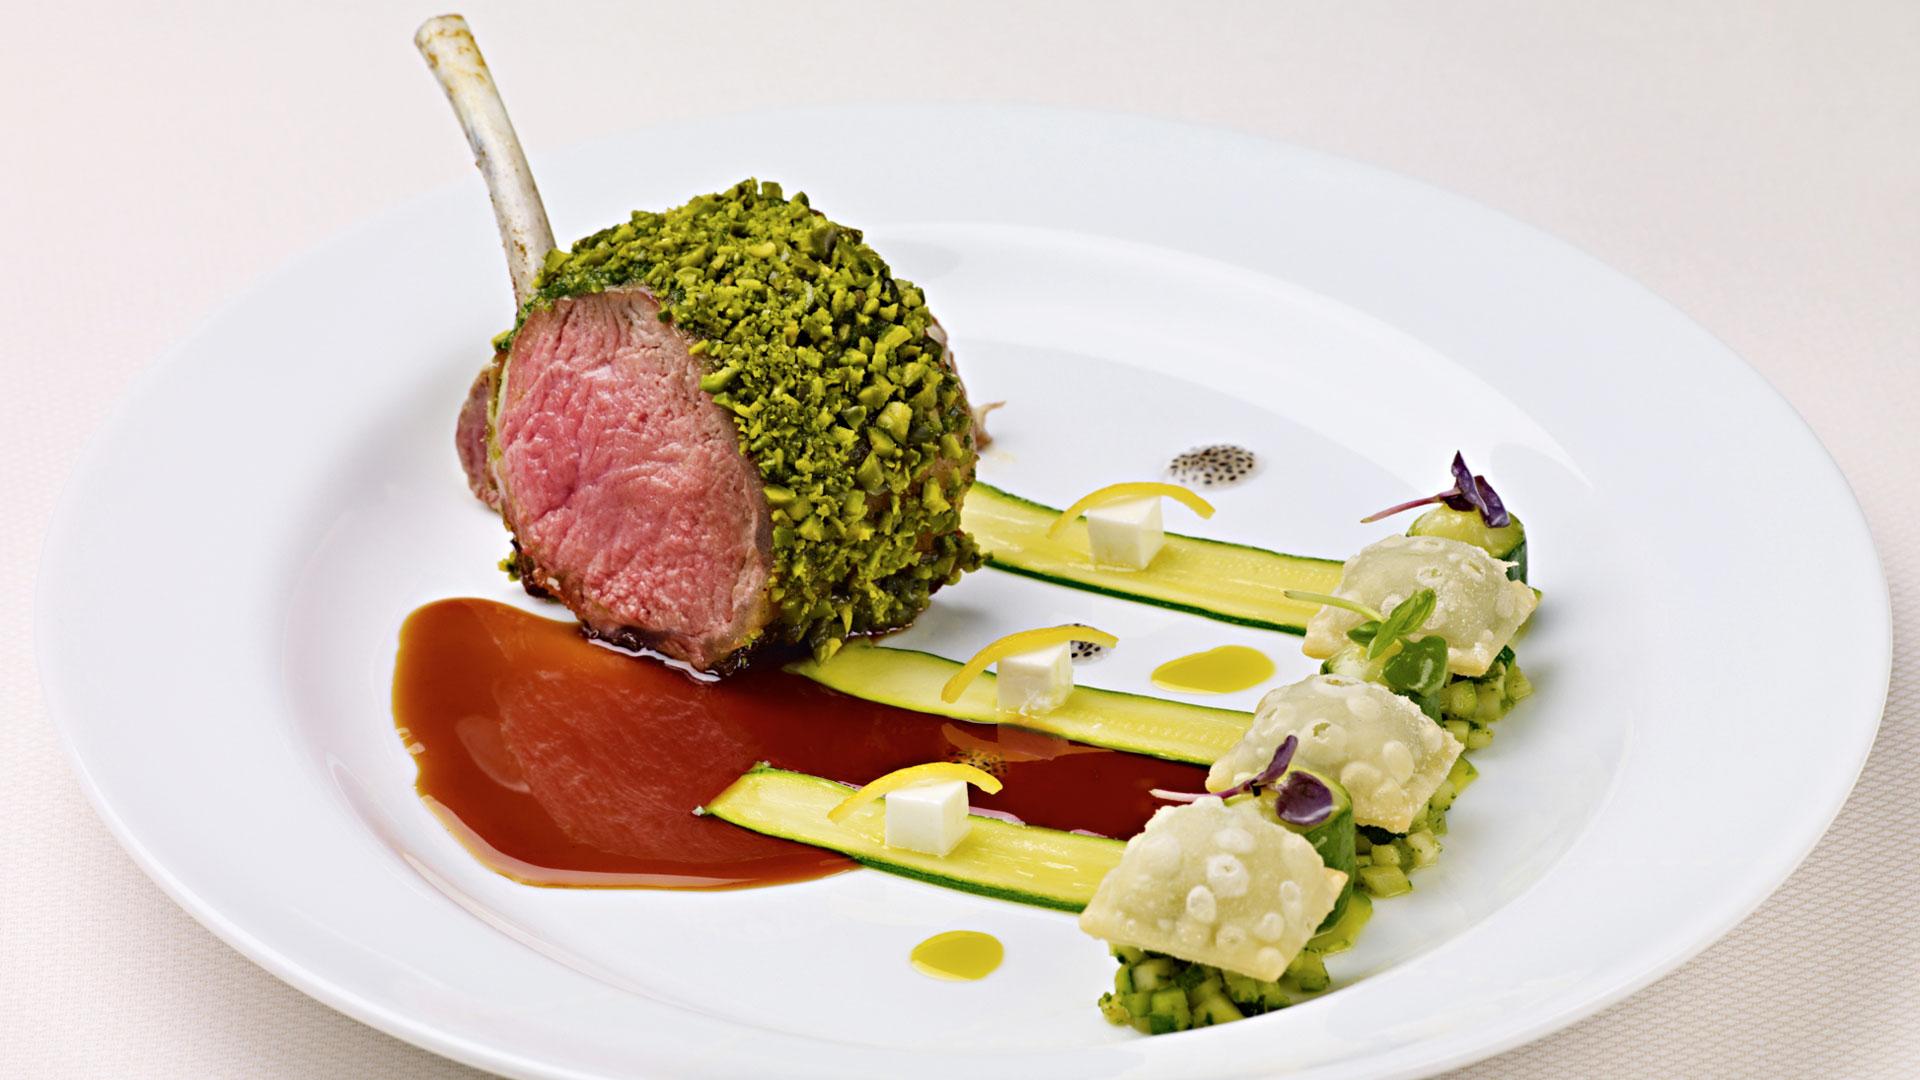 lamb chop recipes pistachio Pistachio-Crusted Lamb Chop with Minted Zucchini, Pistachio Pistou